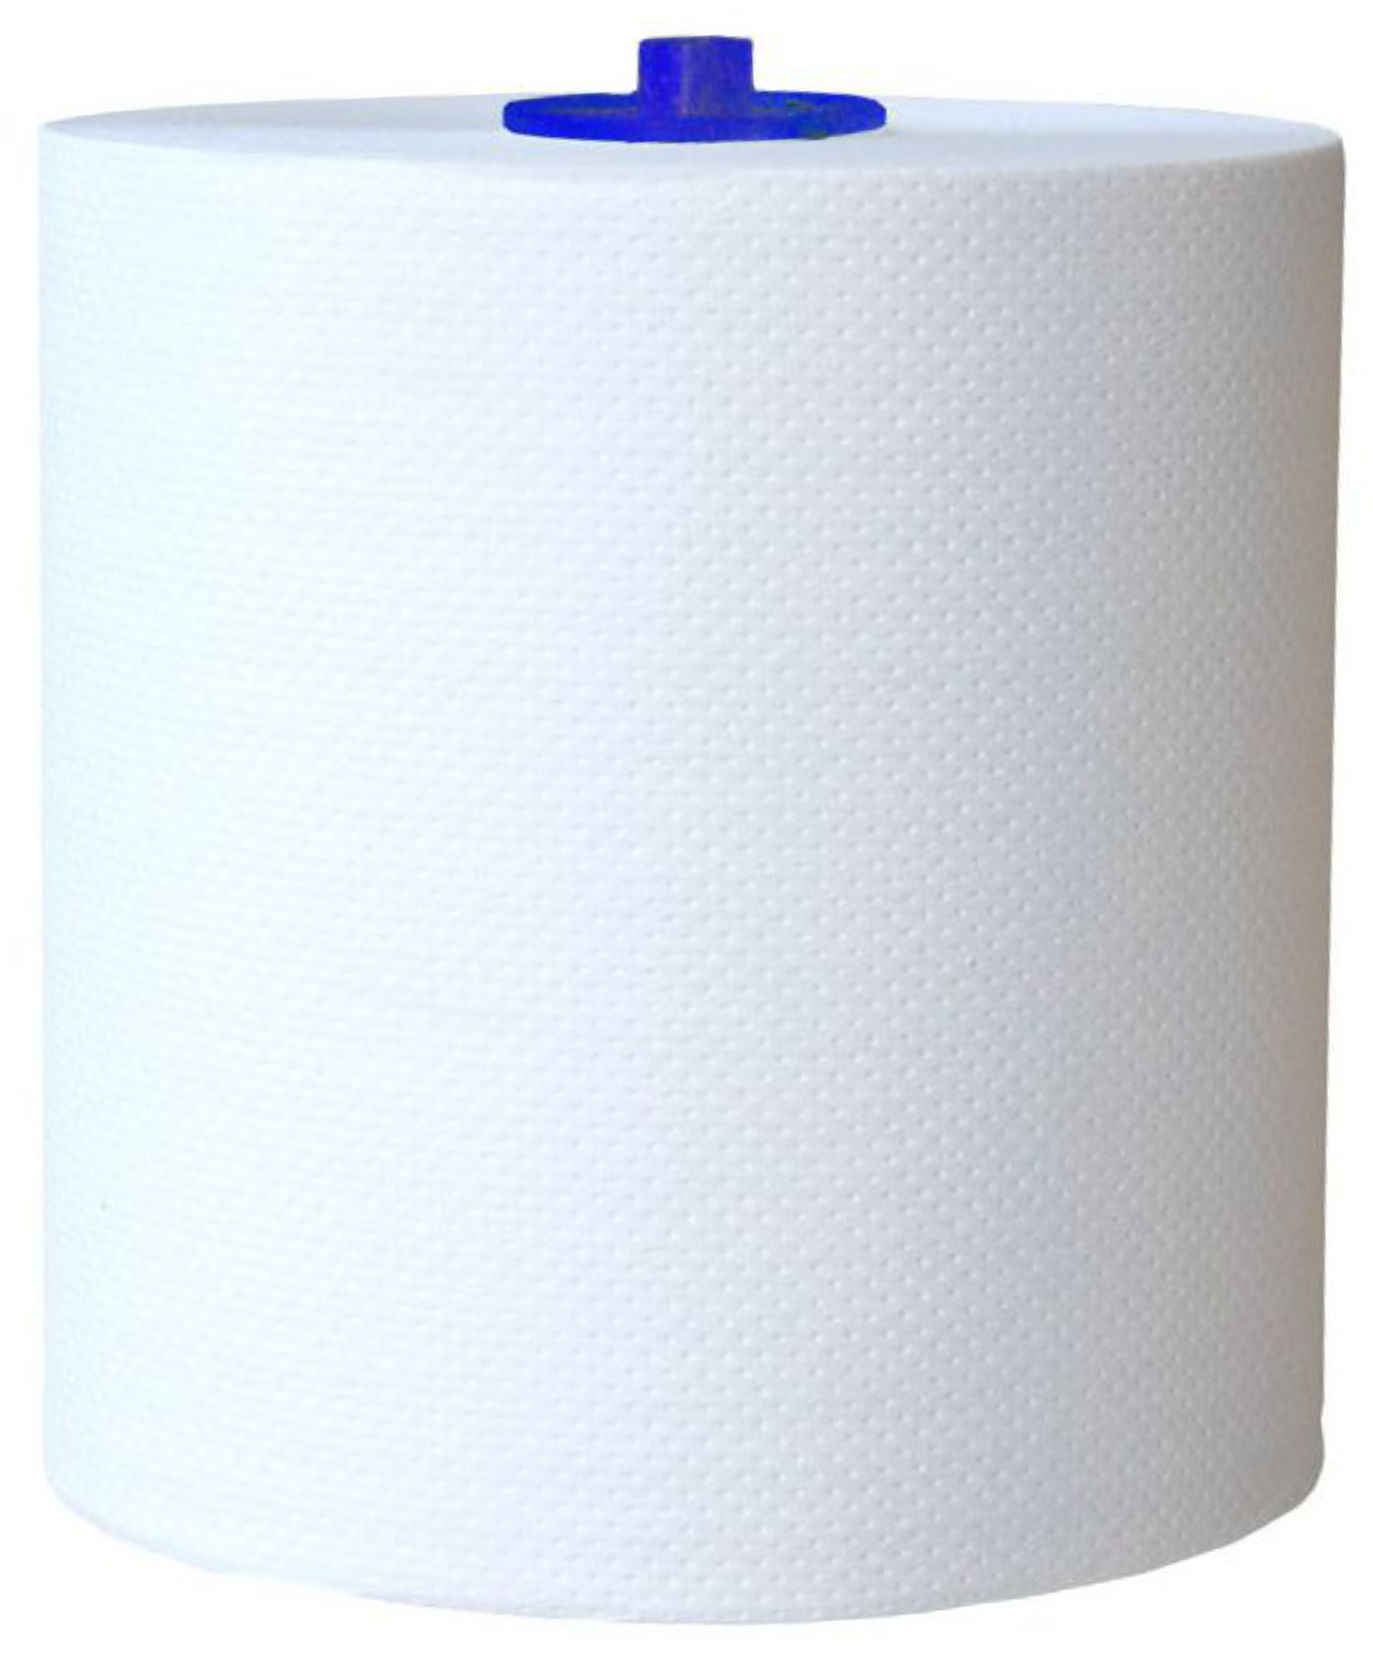 Ręcznik papierowy rola 3w biały celuloza C1000